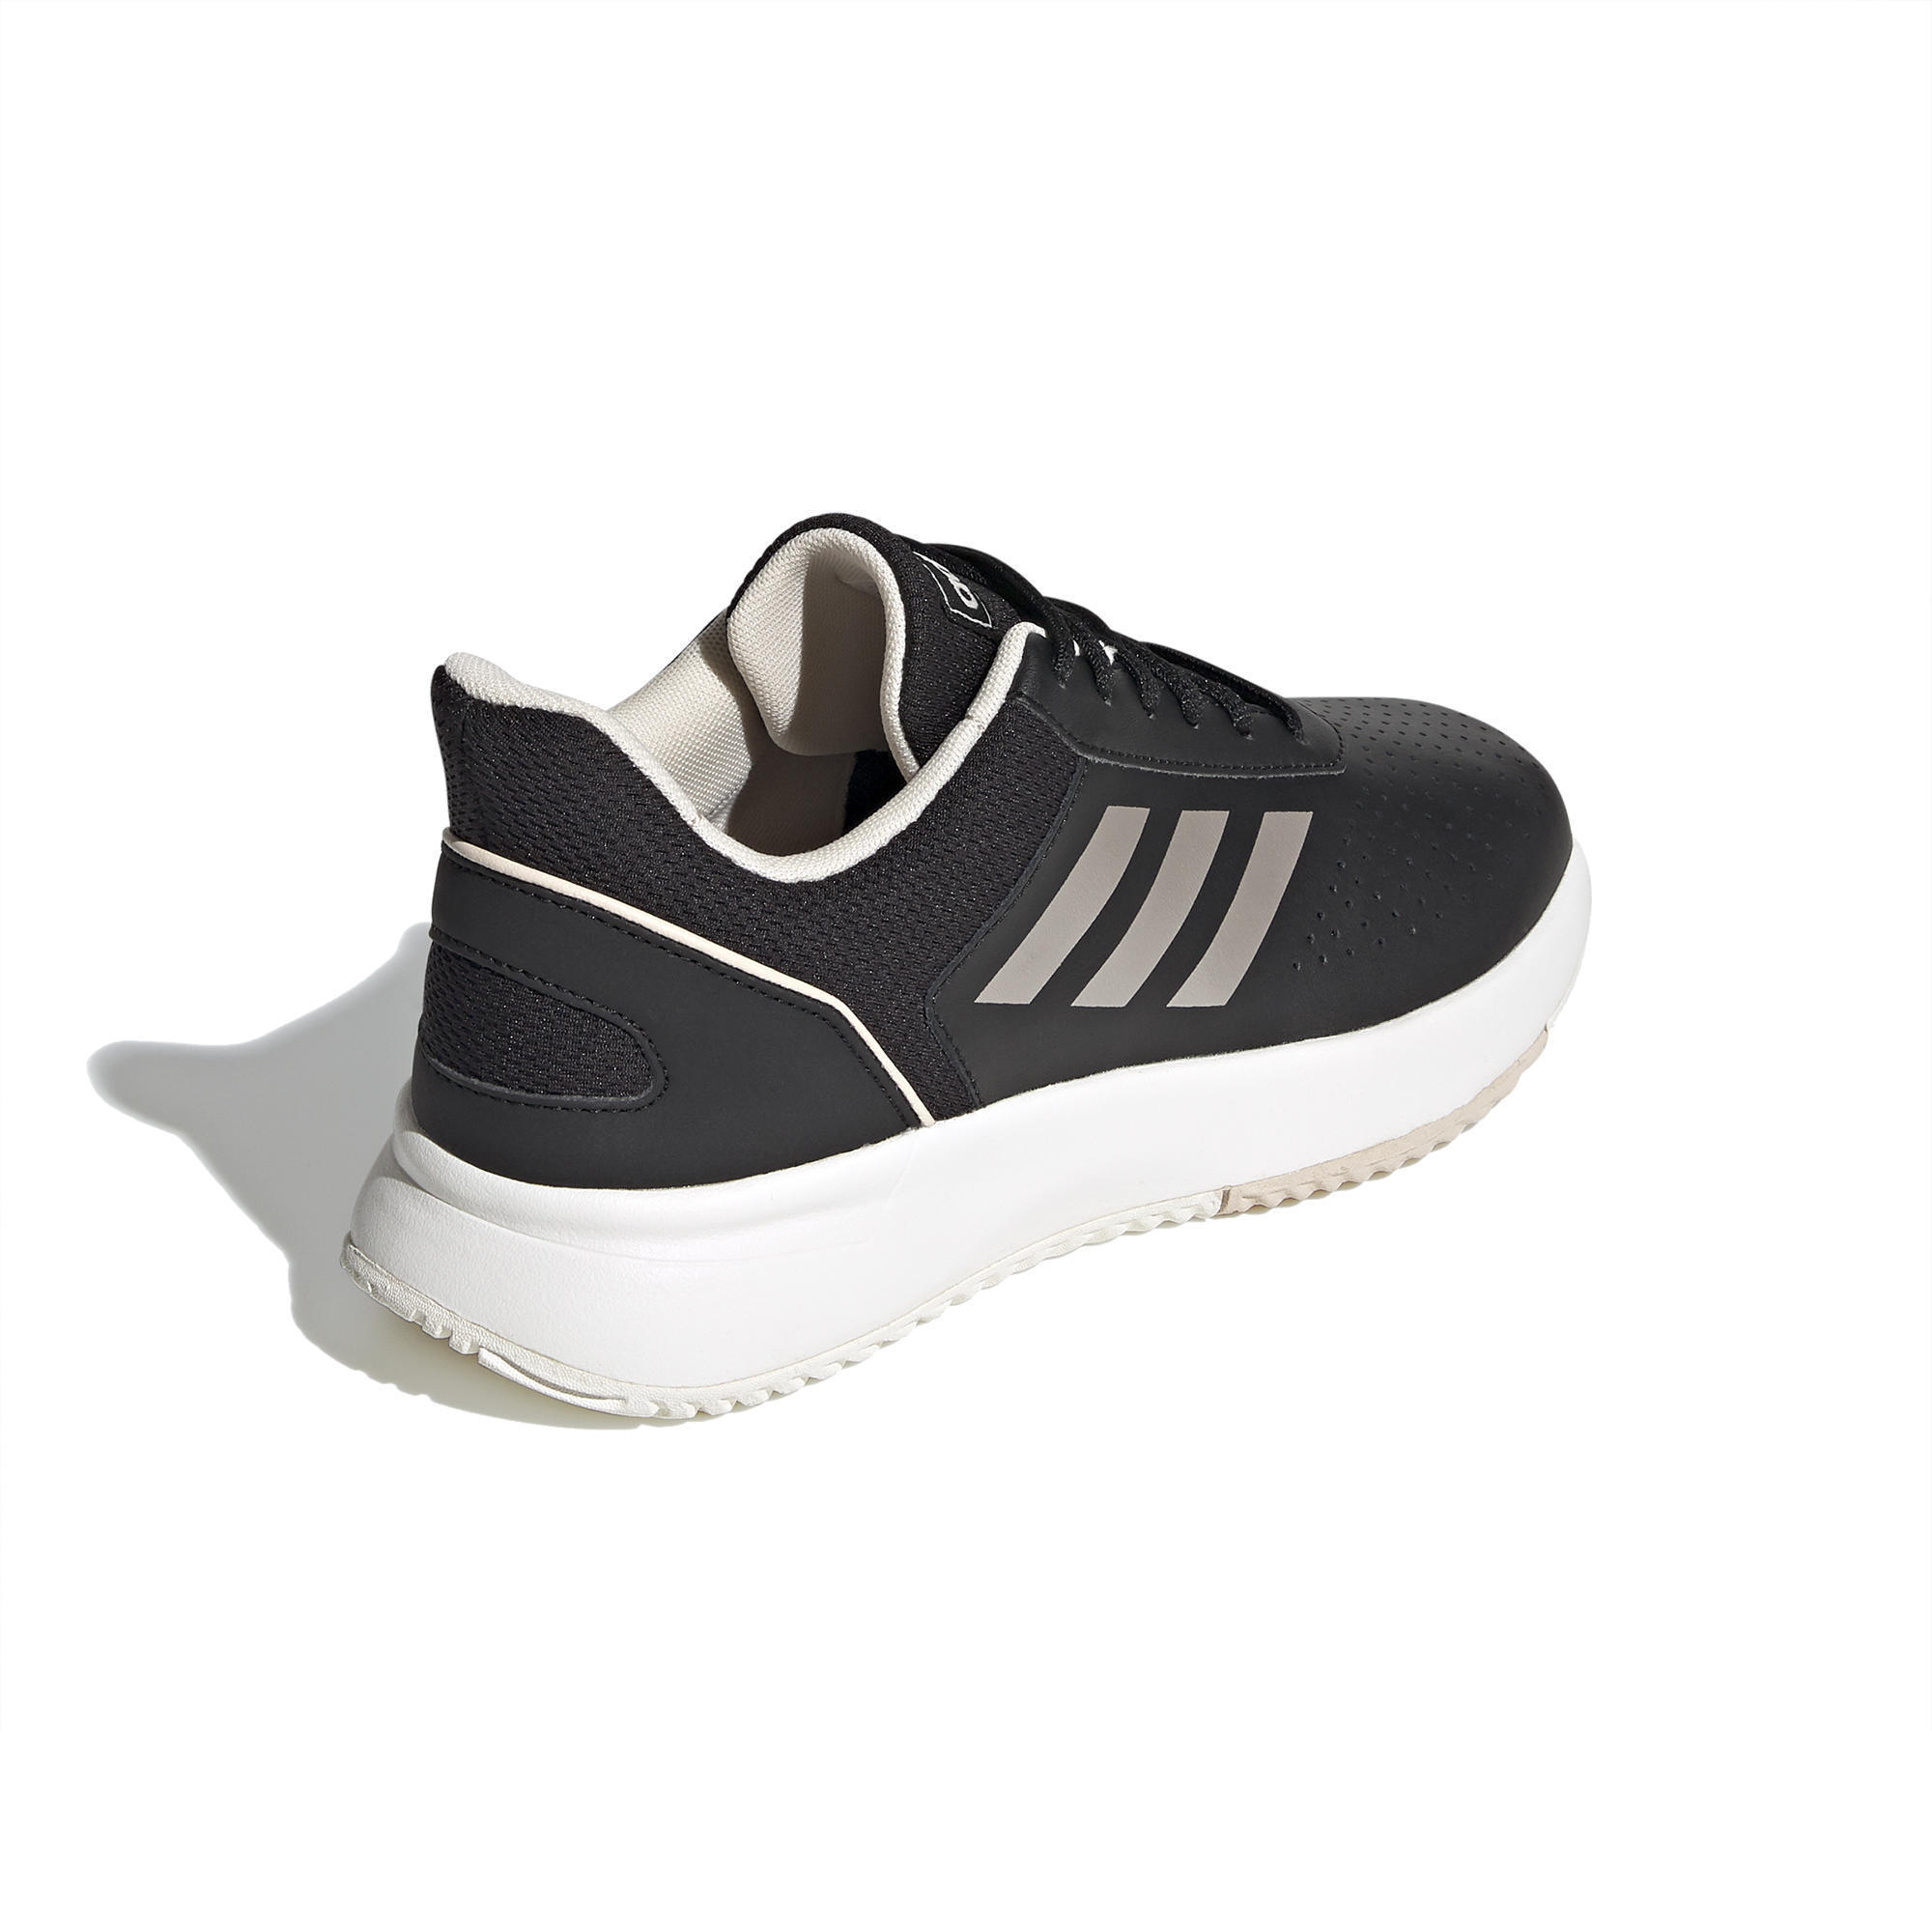 Women's Tennis Shoes Courtsmash - Black